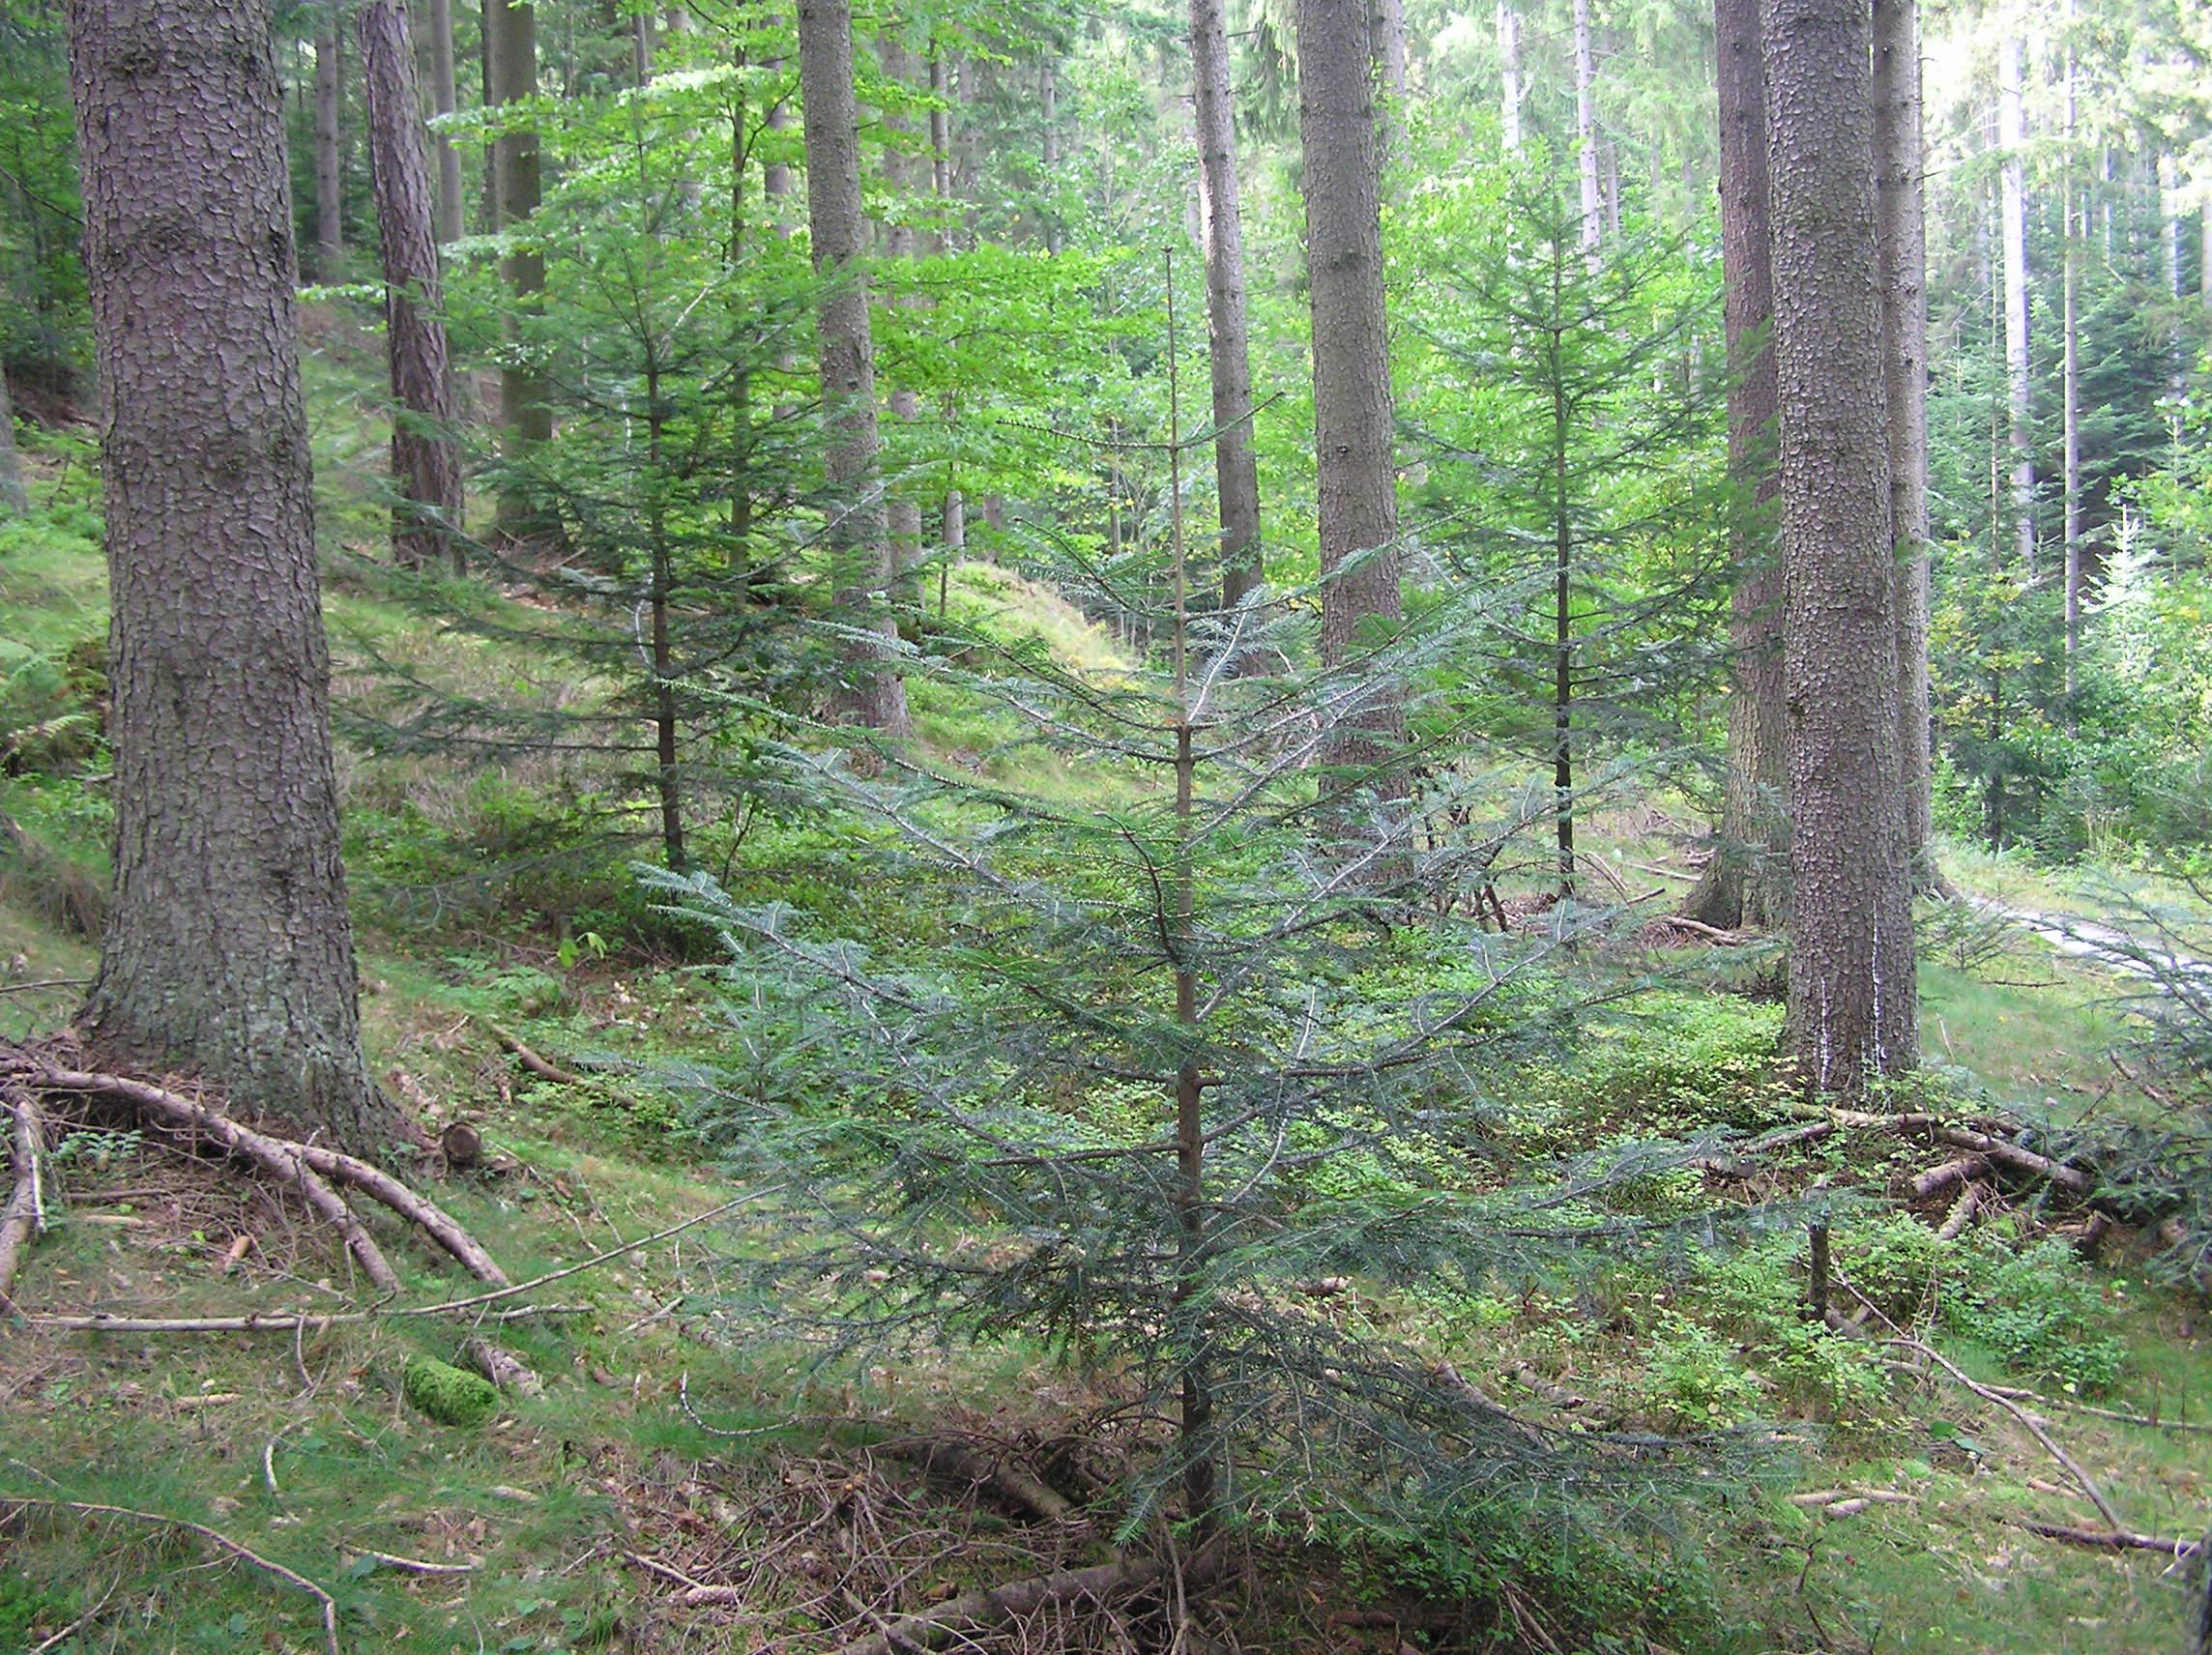 Plenterwald